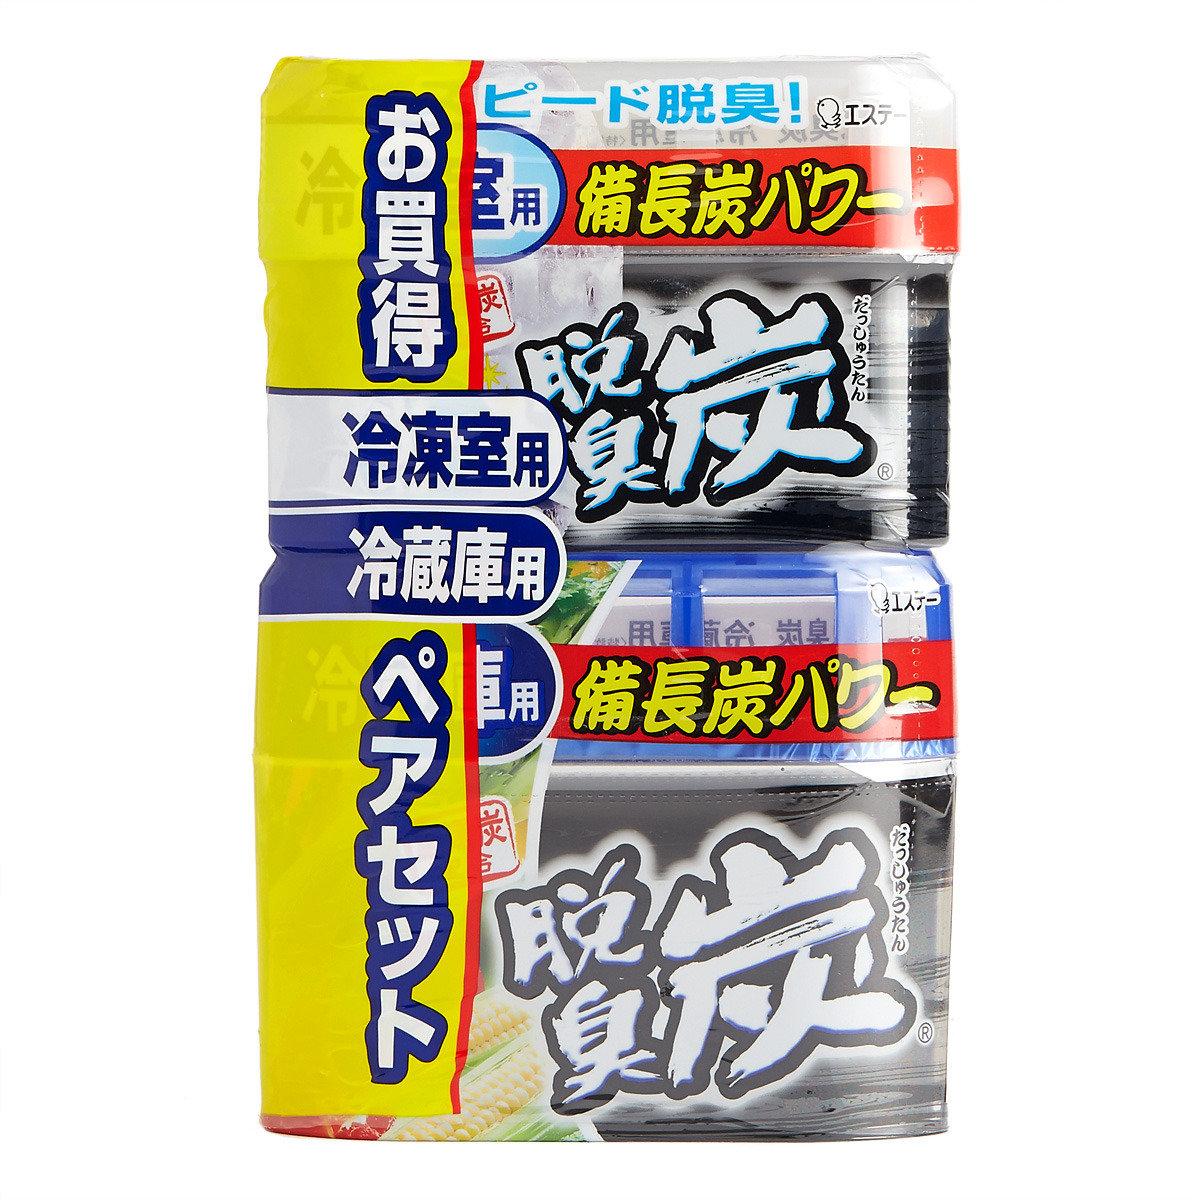 脫臭炭吸味劑 -雪櫃 / 冰格用